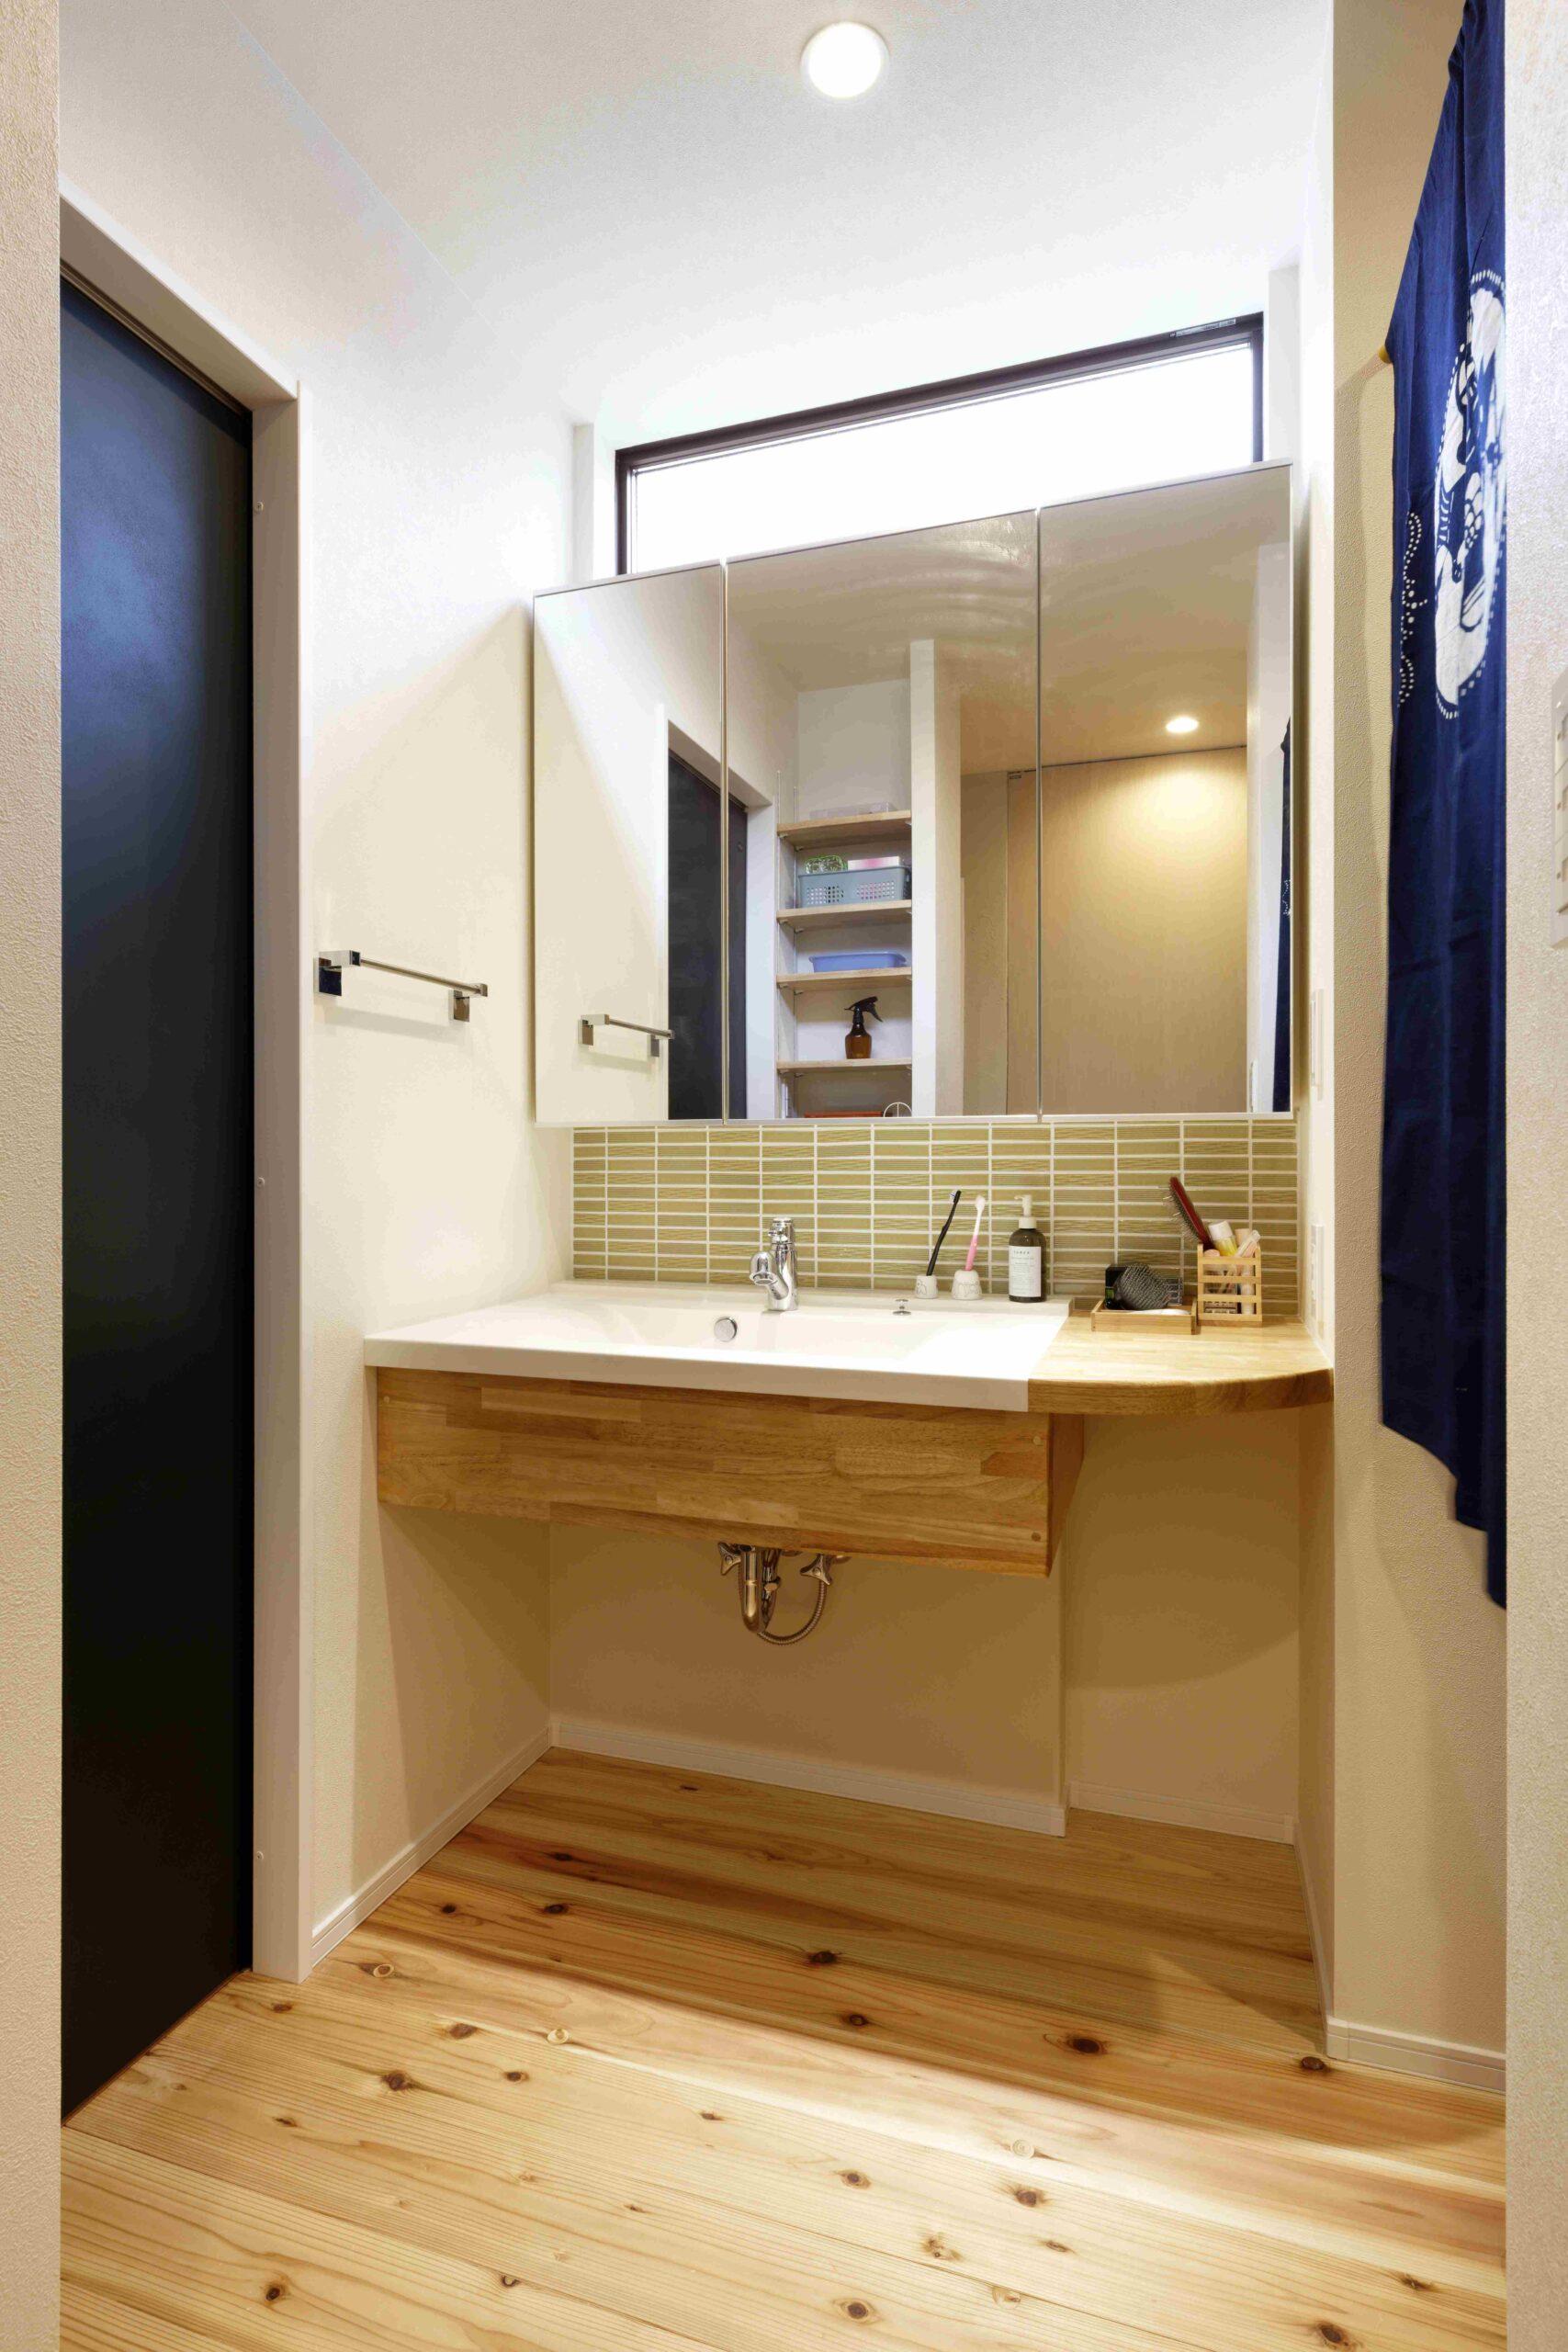 大工さん手作りの造作洗面。右側にスペースを設けたので小物や化粧道具が置ける。